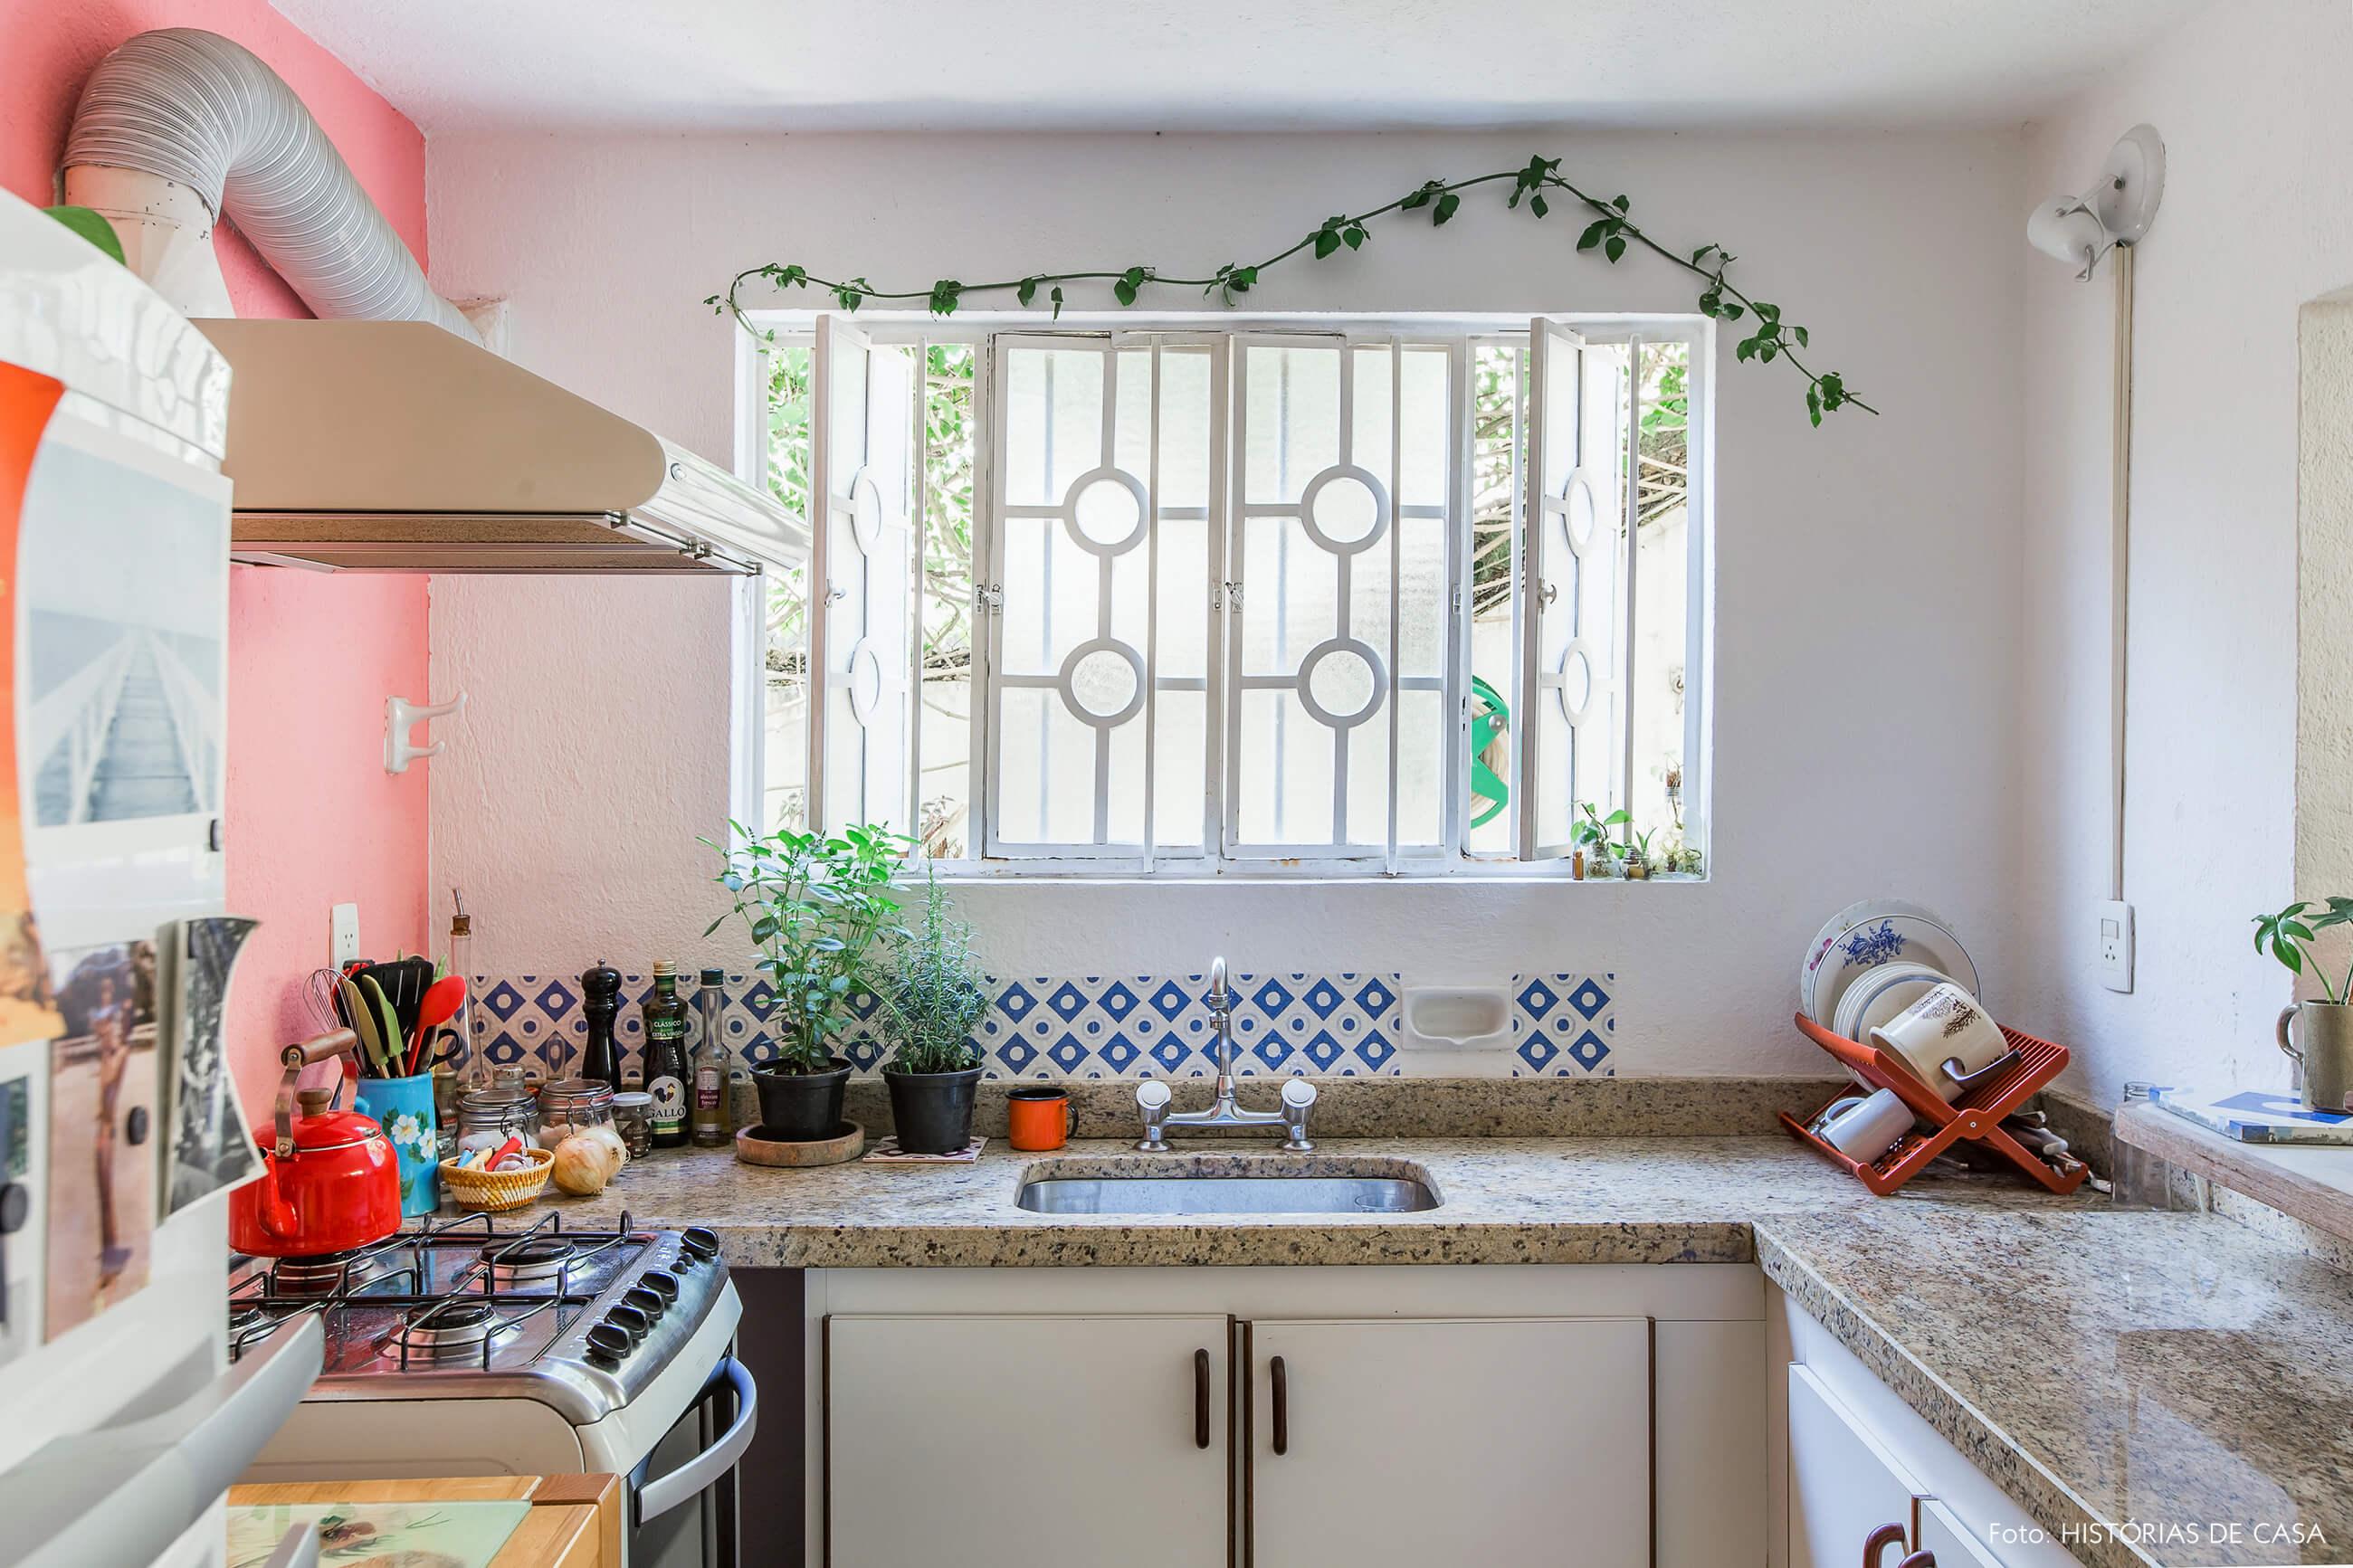 Cozinha antiga com janela de ferro e plantas